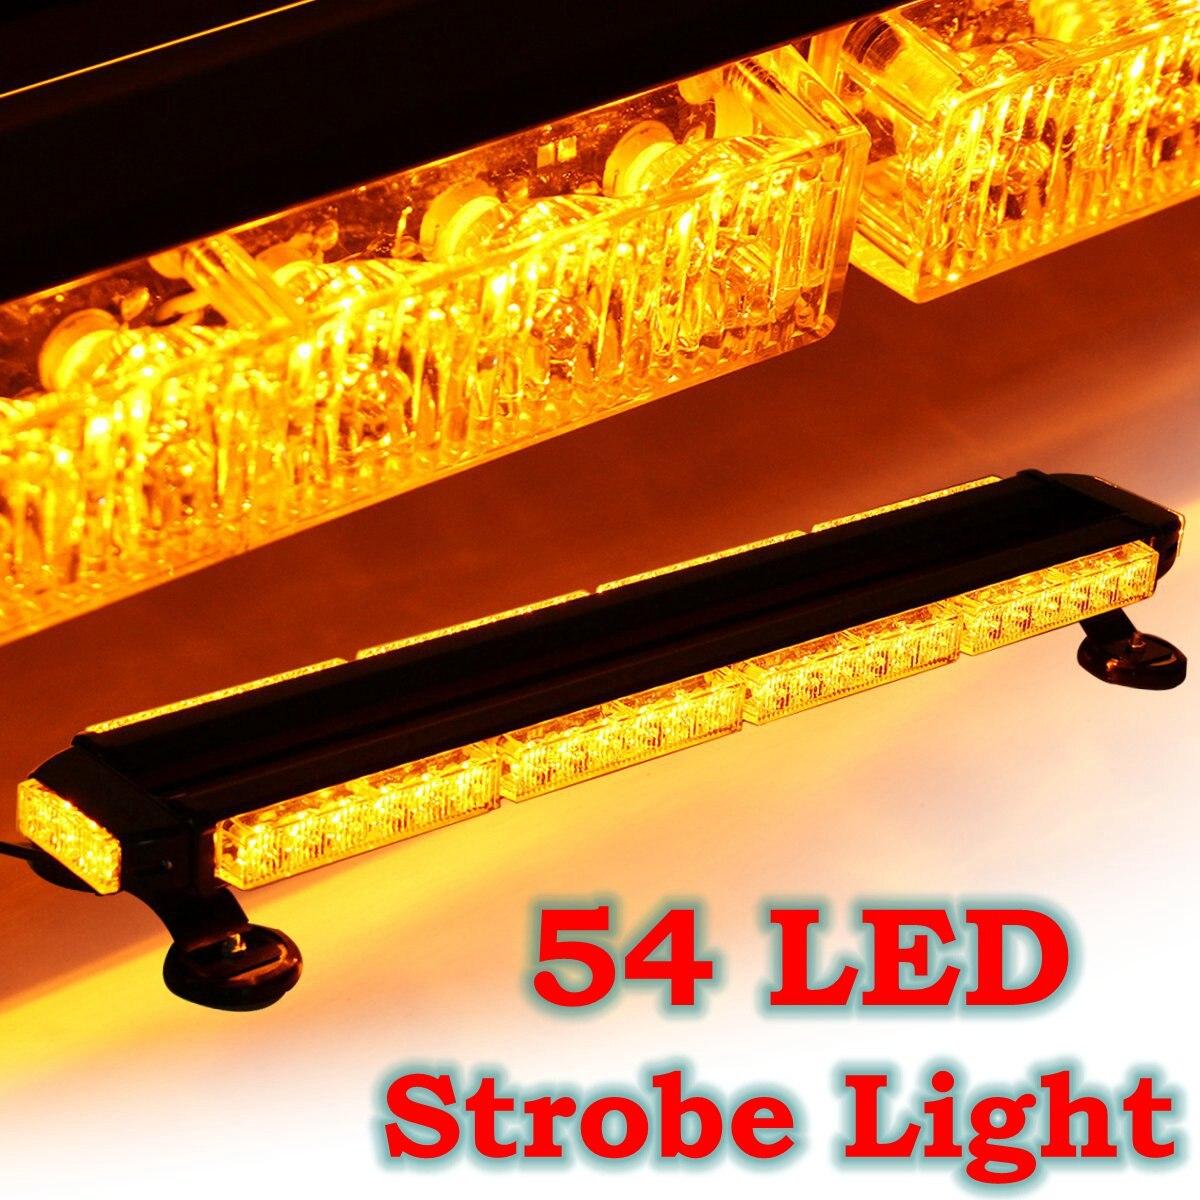 Voiture Stroboscopique D'urgence Flash Lumière 54 LED Ambre Double Côté Conseiller Trafic Barre Lumineuse Sur Le Toit Universel pour Véhicule Avertissement Lumière